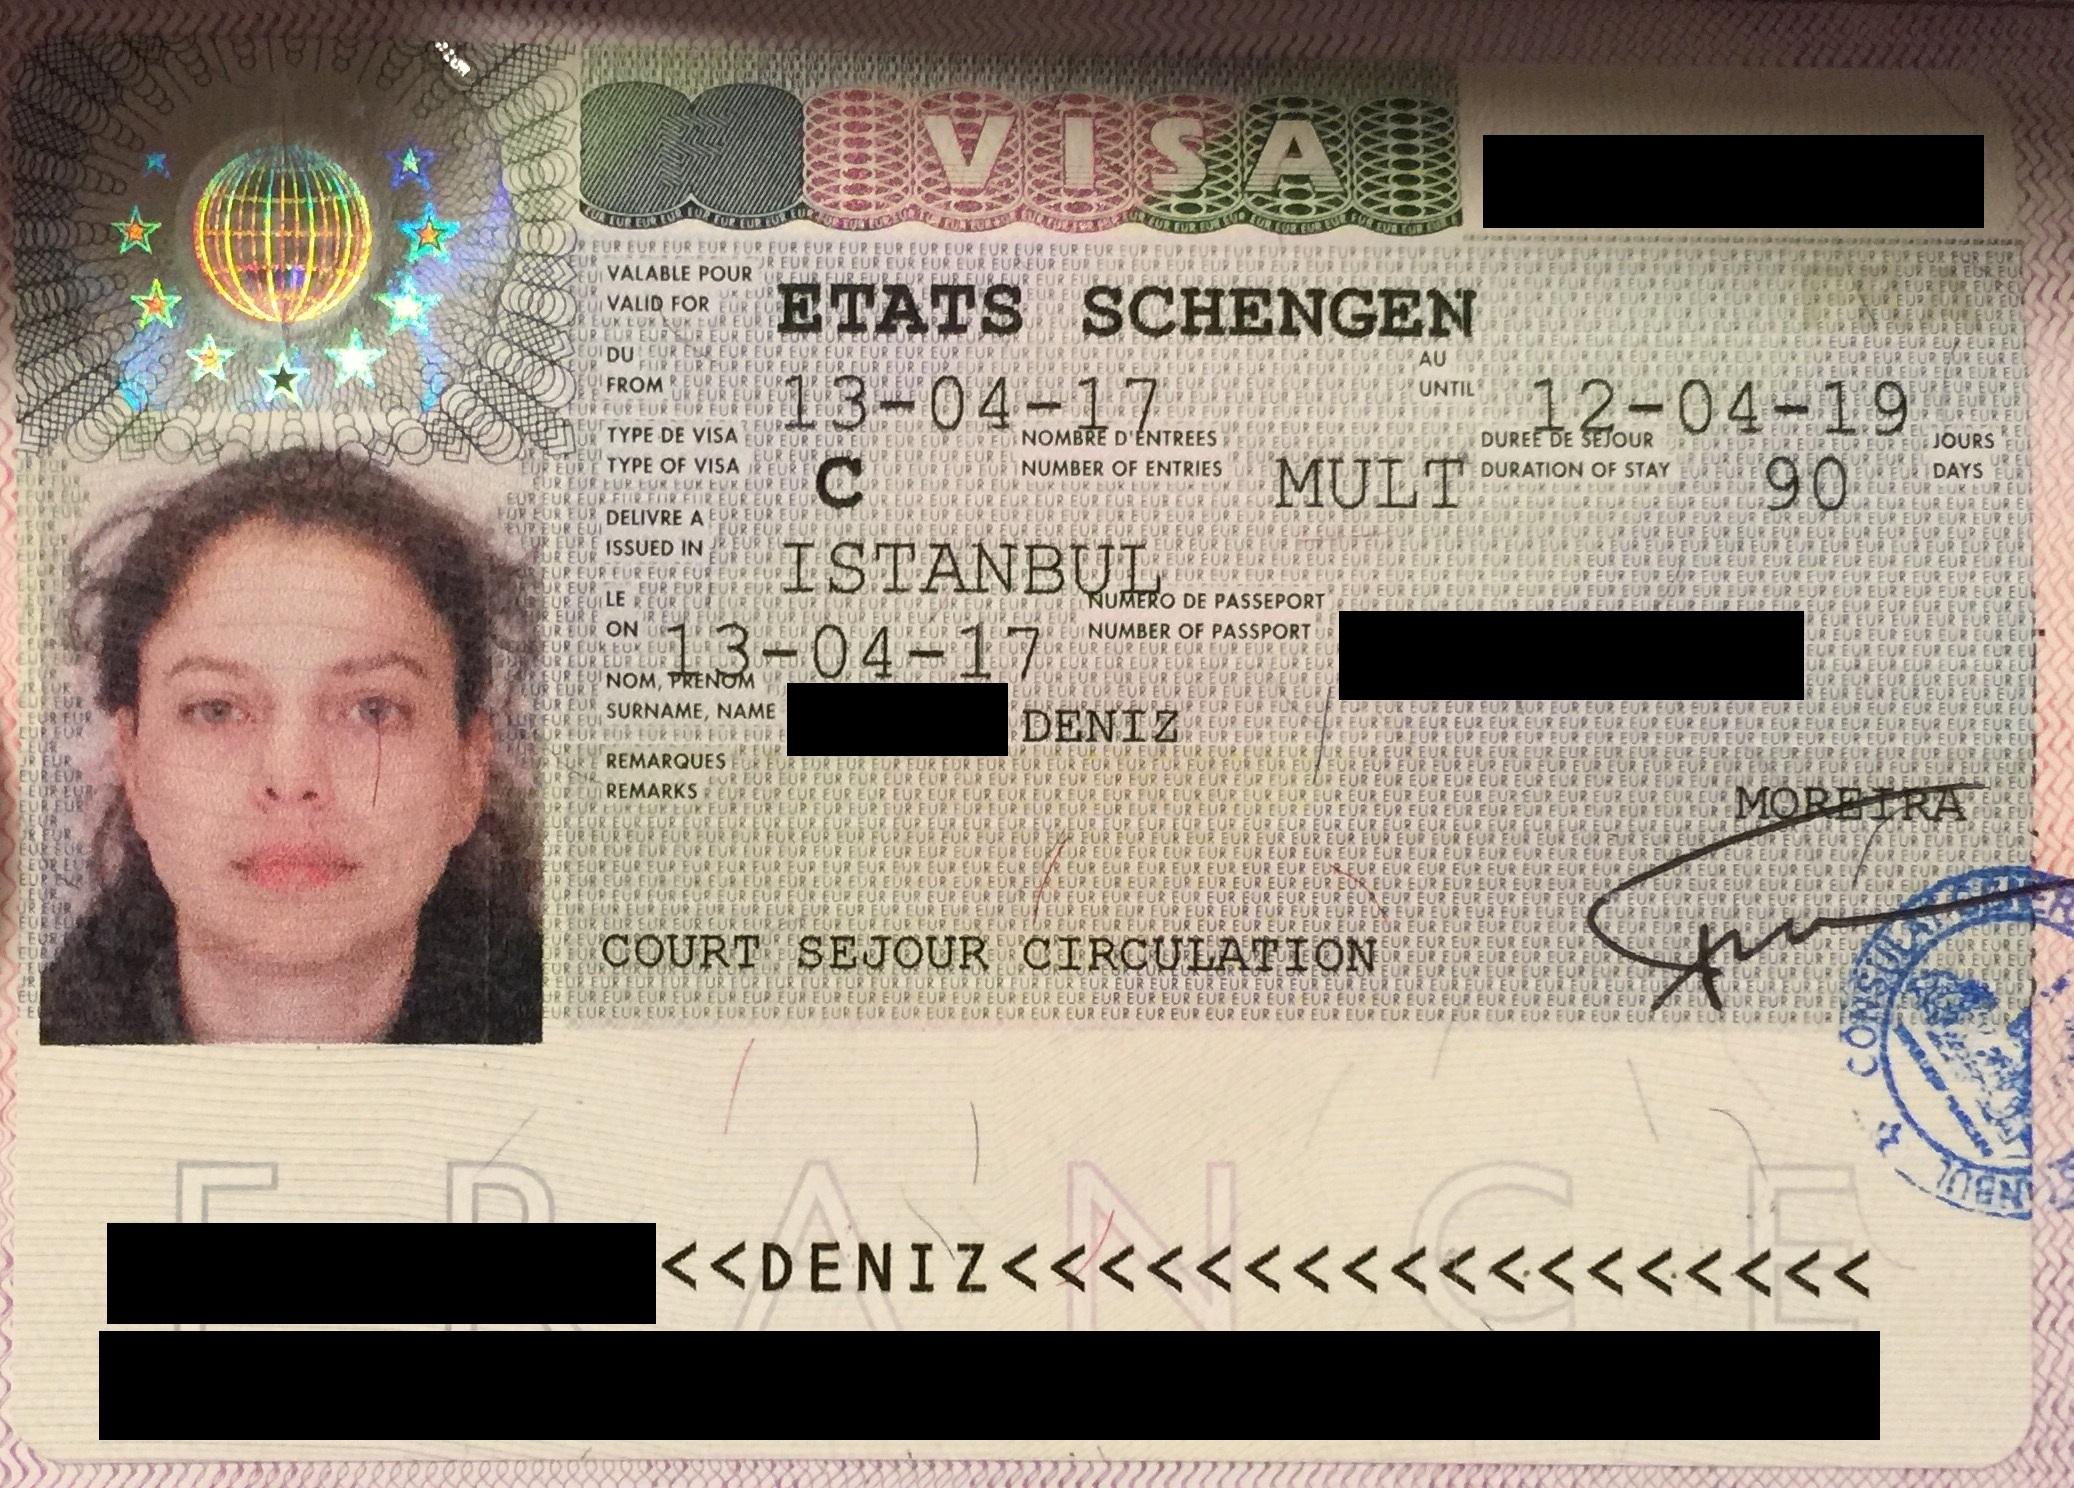 Turistler için bilgi: Schengen vizesine nereden başvurabilirim